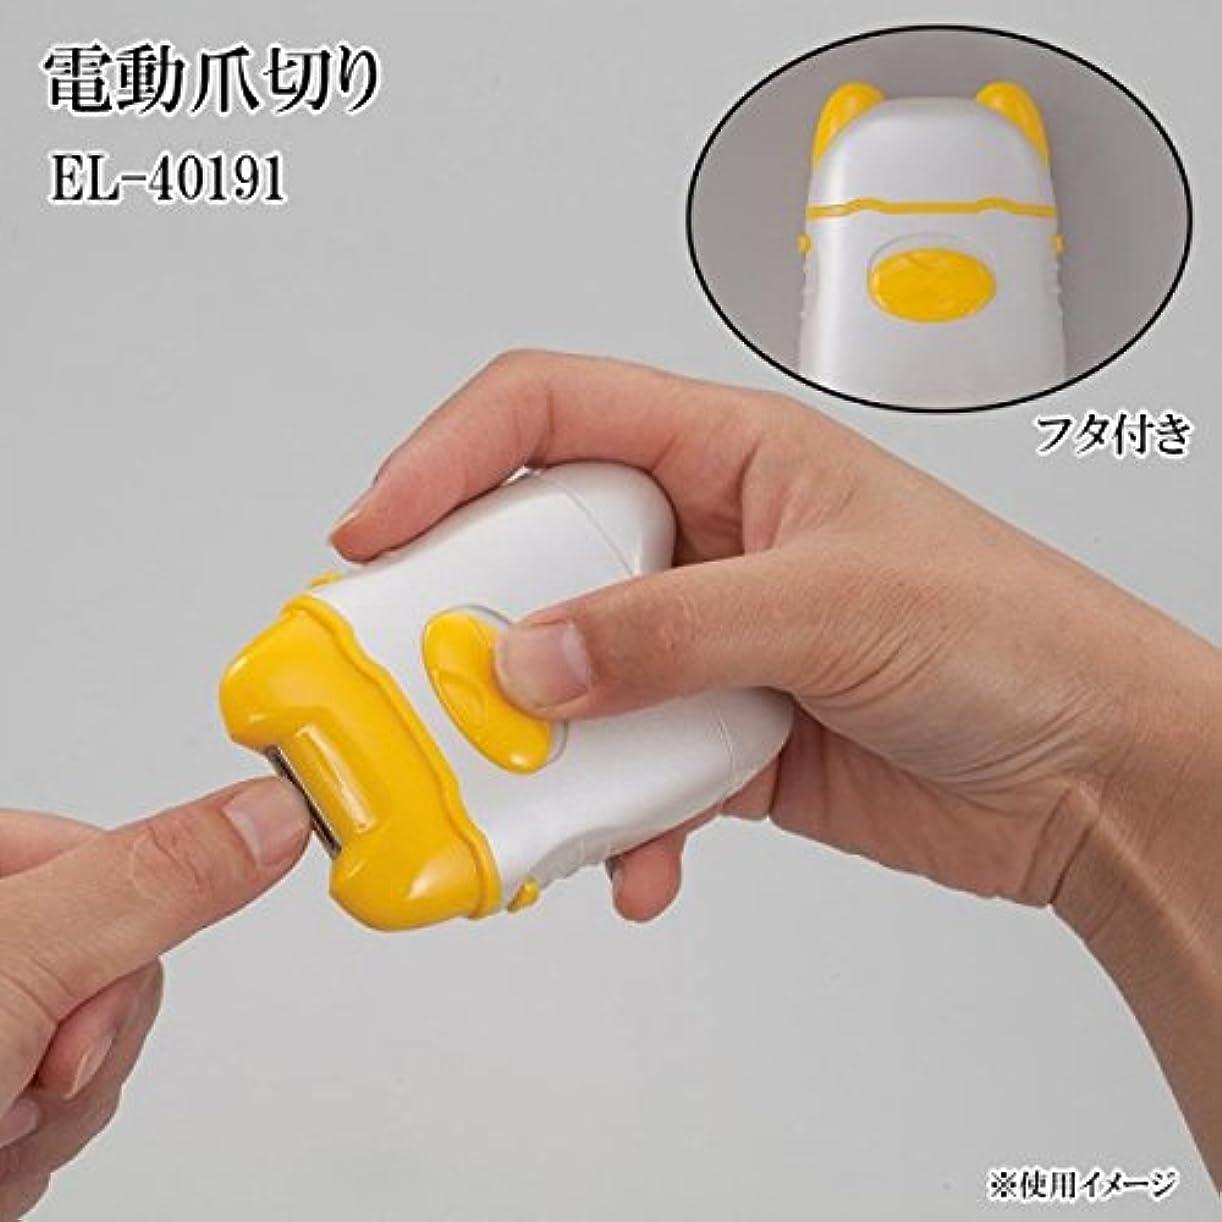 電動爪切り EL-40191 【人気 おすすめ 】